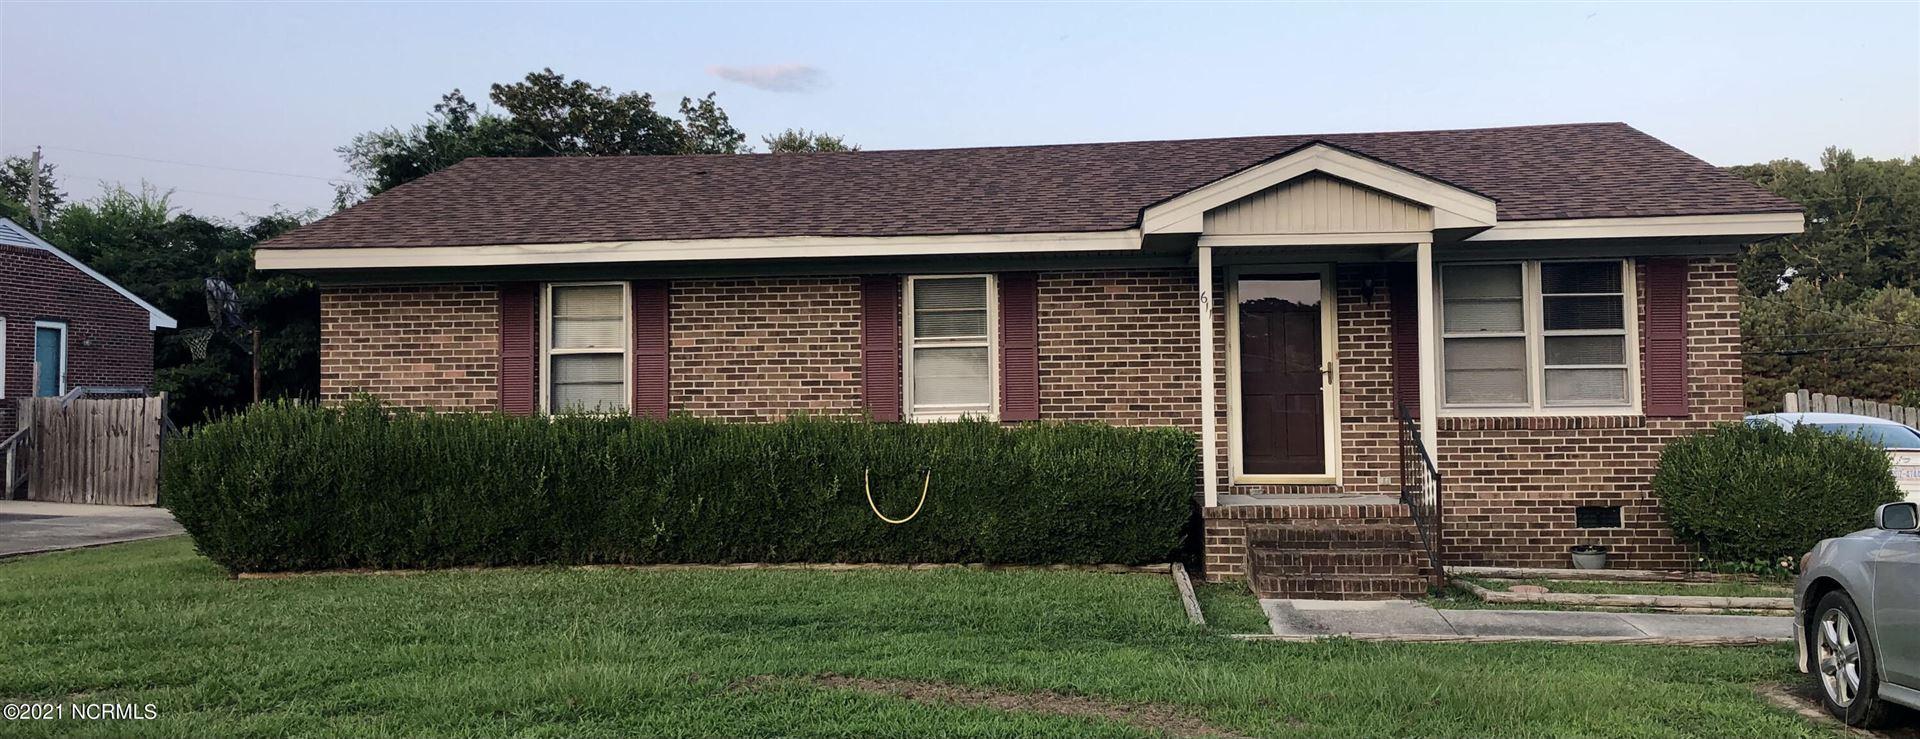 Photo of 611 Benson Drive, Tarboro, NC 27886 (MLS # 100285482)